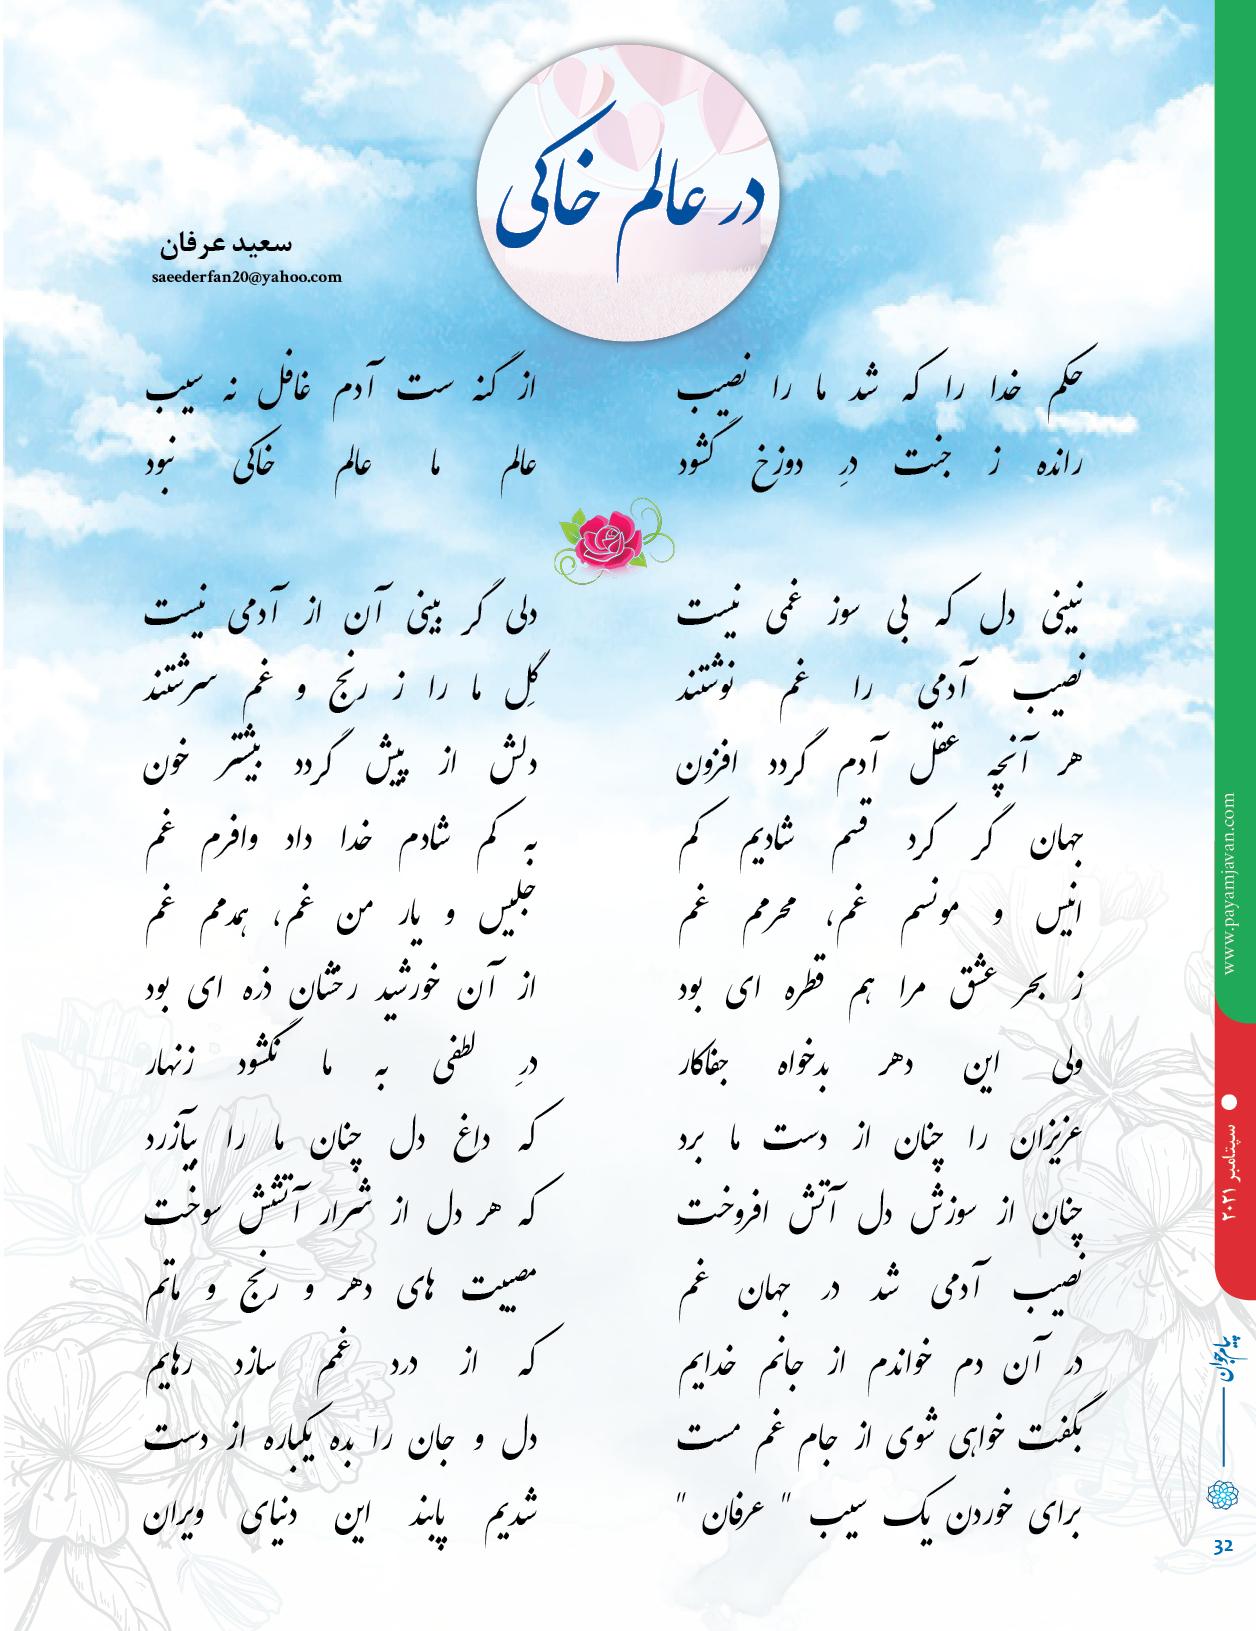 سعید عرفان